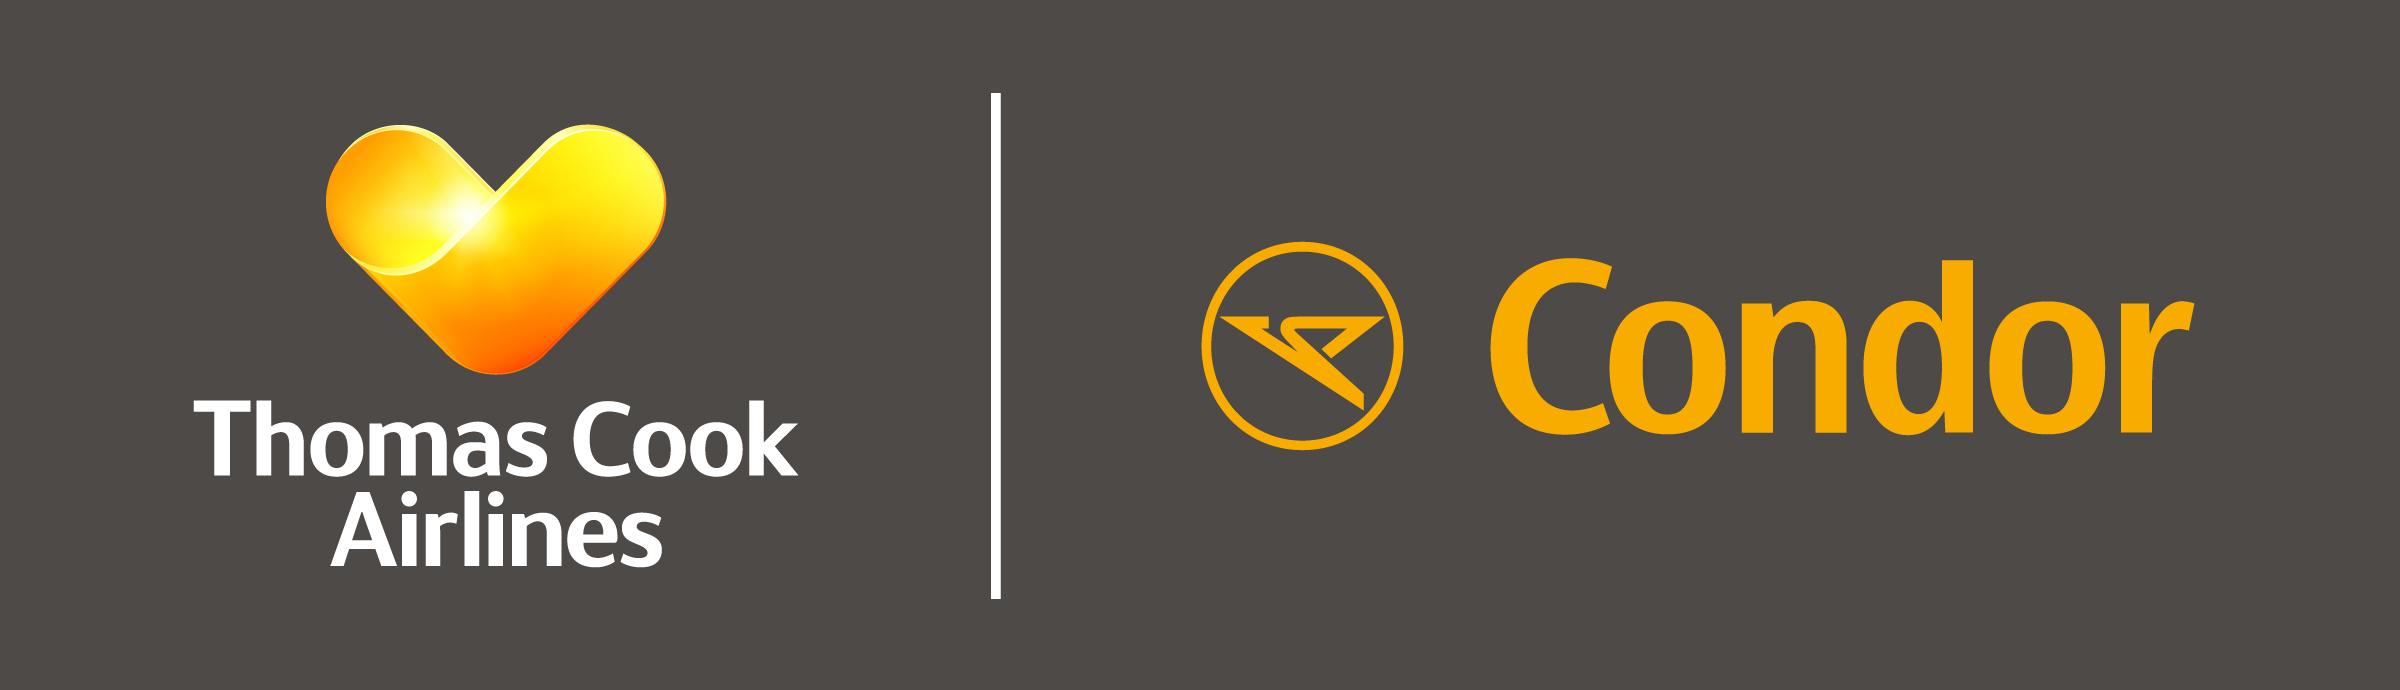 TC_Airlines_Condor_logo